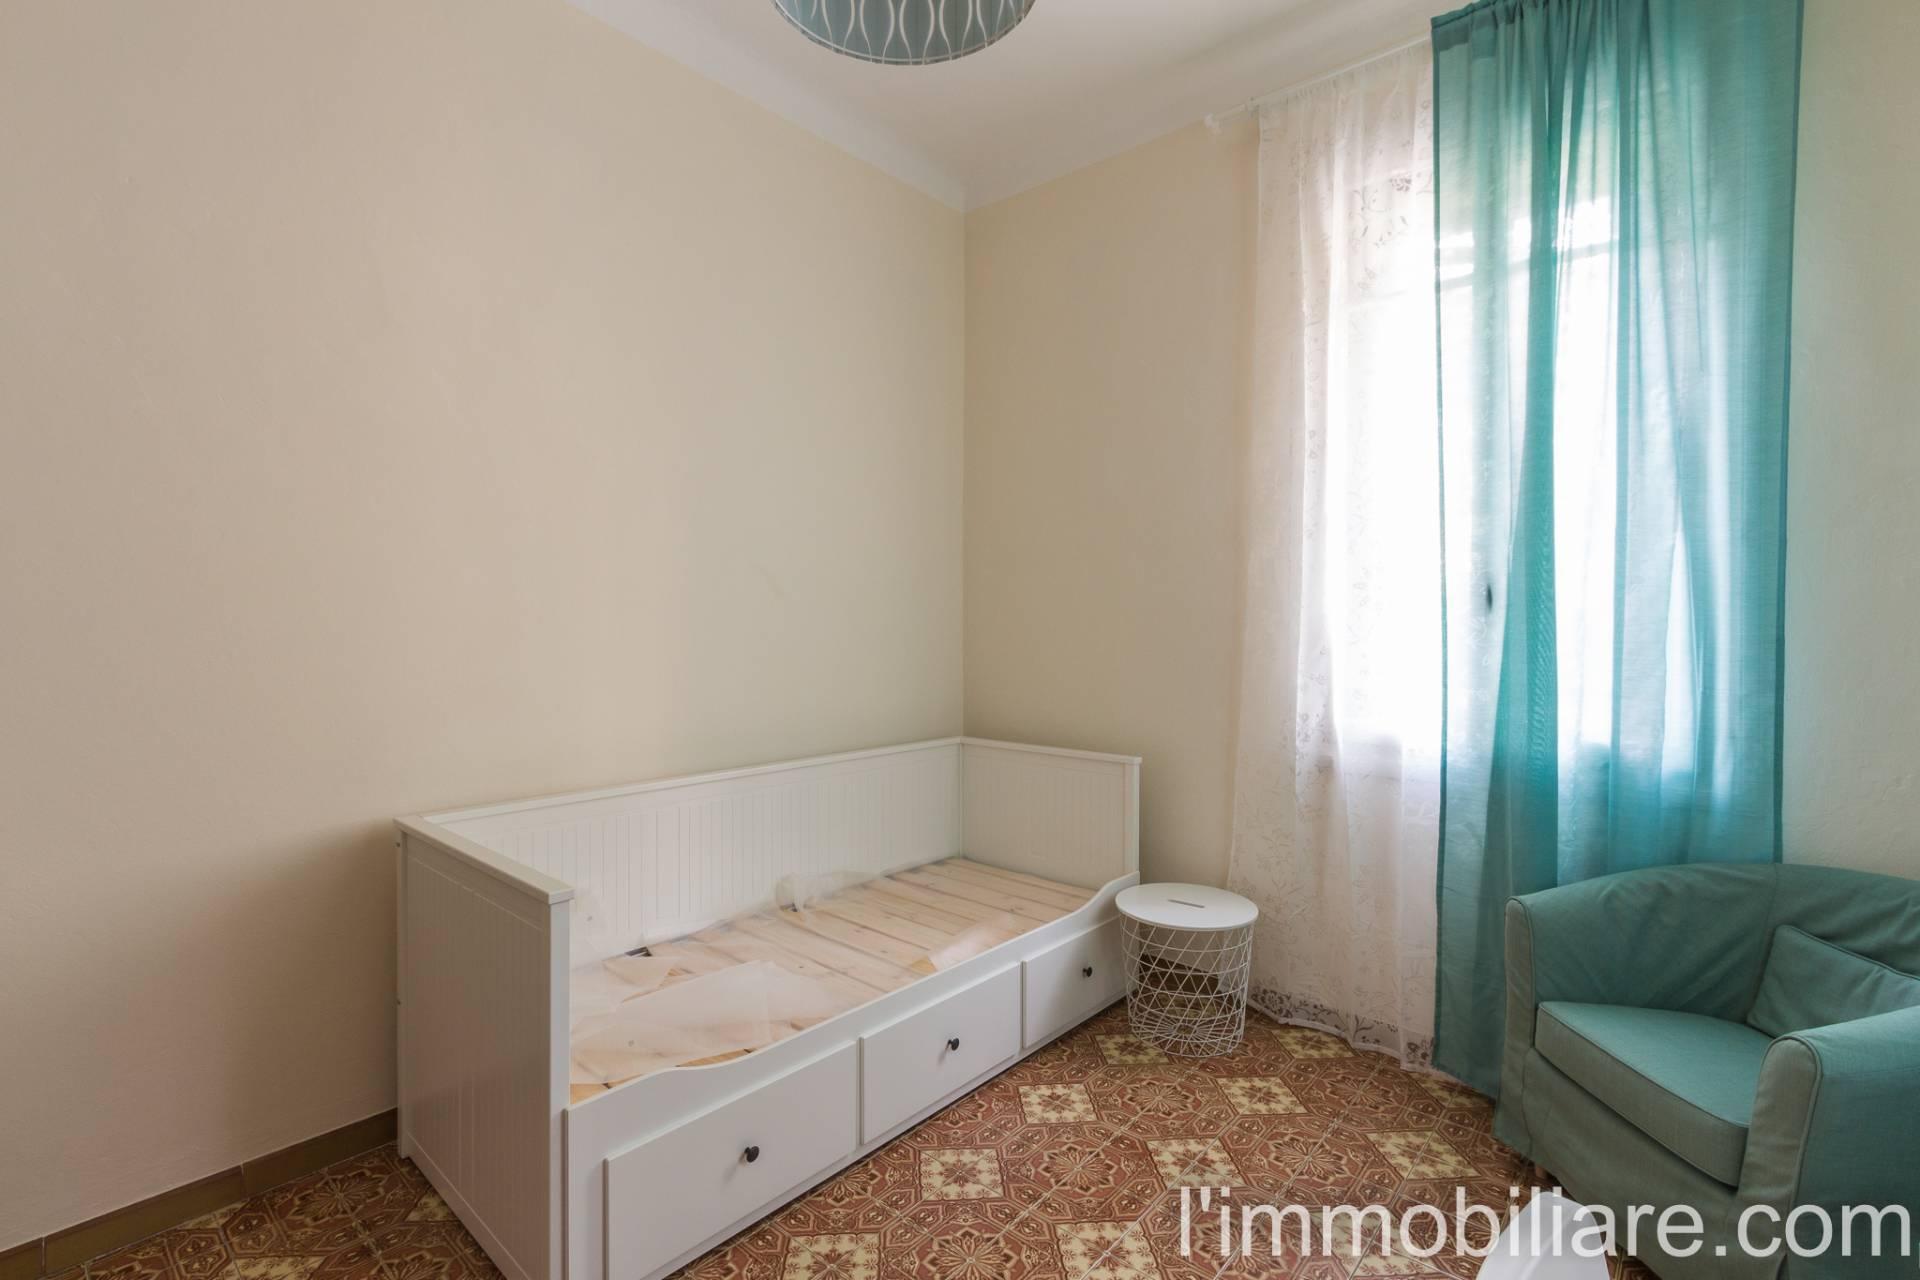 Appartamento in affitto a Verona, 3 locali, zona Zona: 5 . Quinzano - Pindemonte - Ponte Crencano - Valdonega - Avesa , prezzo € 670 | CambioCasa.it